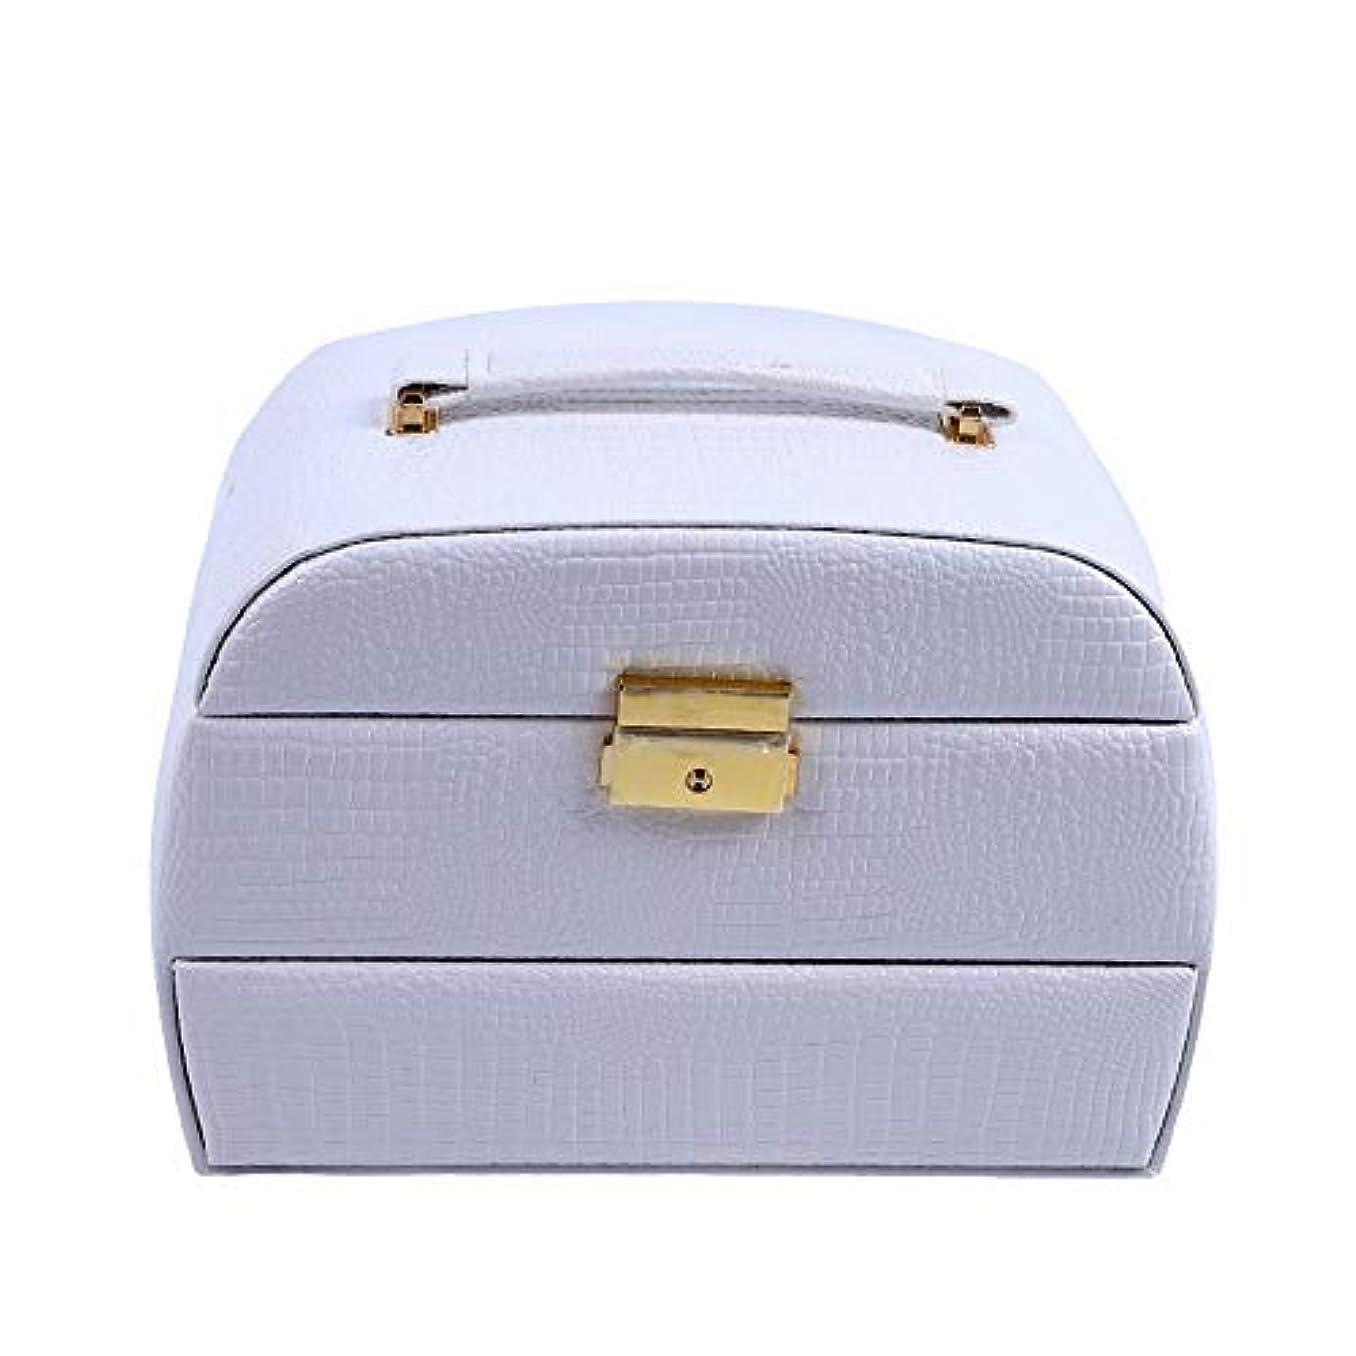 六分儀野心準備した化粧オーガナイザーバッグ 美容メイクアップのための大容量ポータブル化粧ケース、女性化粧ミラー付きのロック付き女性旅行と毎日の保管 化粧品ケース